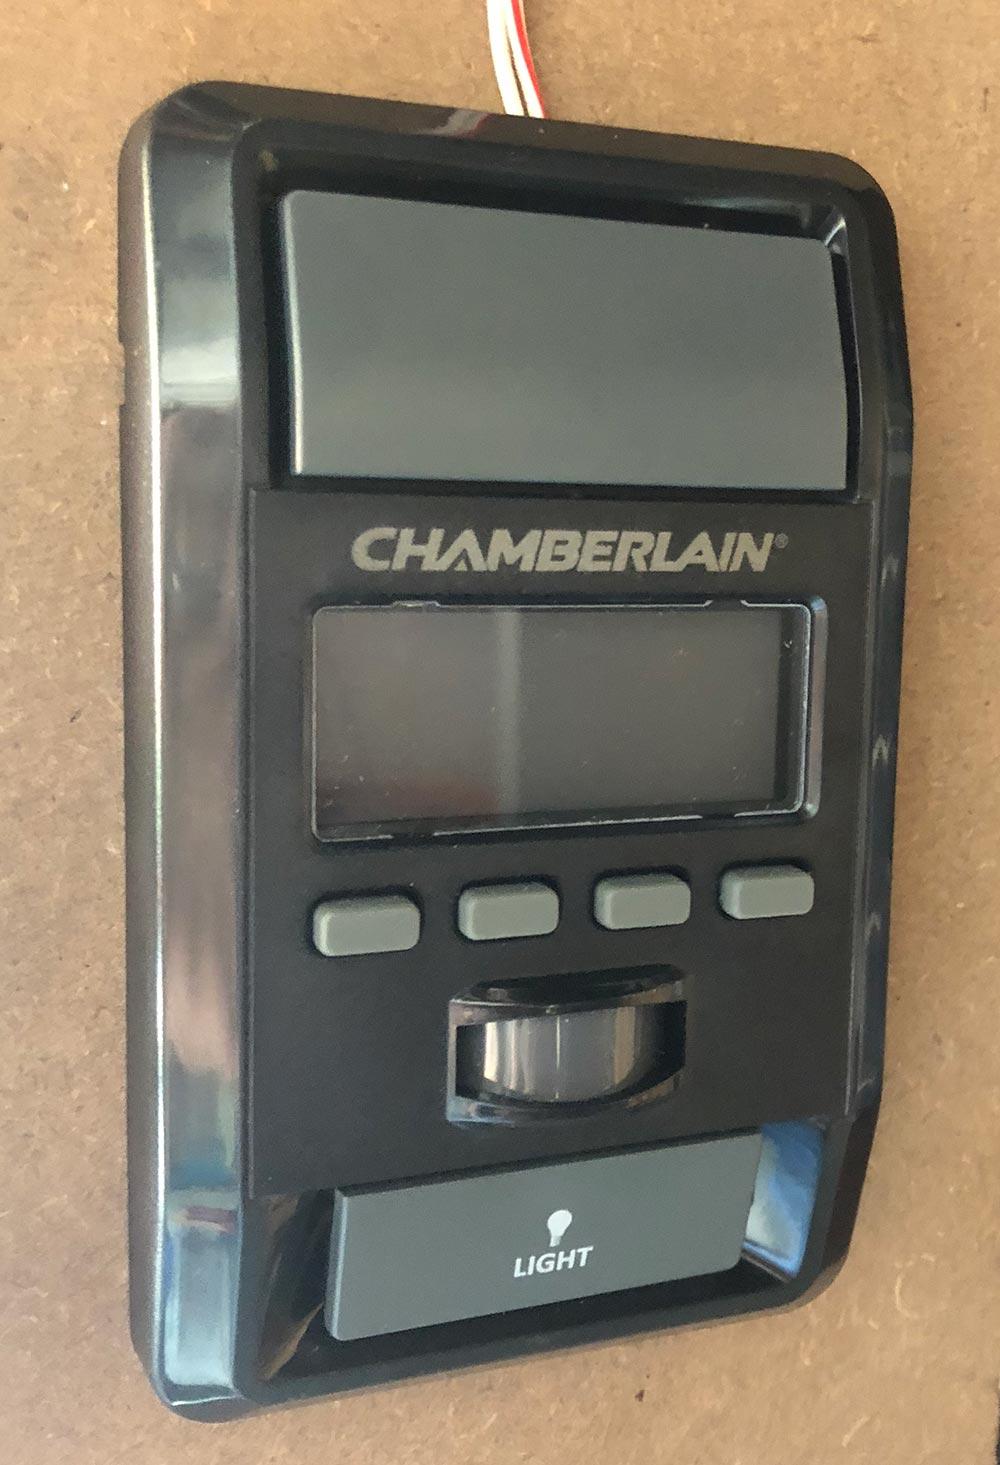 ChamberlainUSB 21